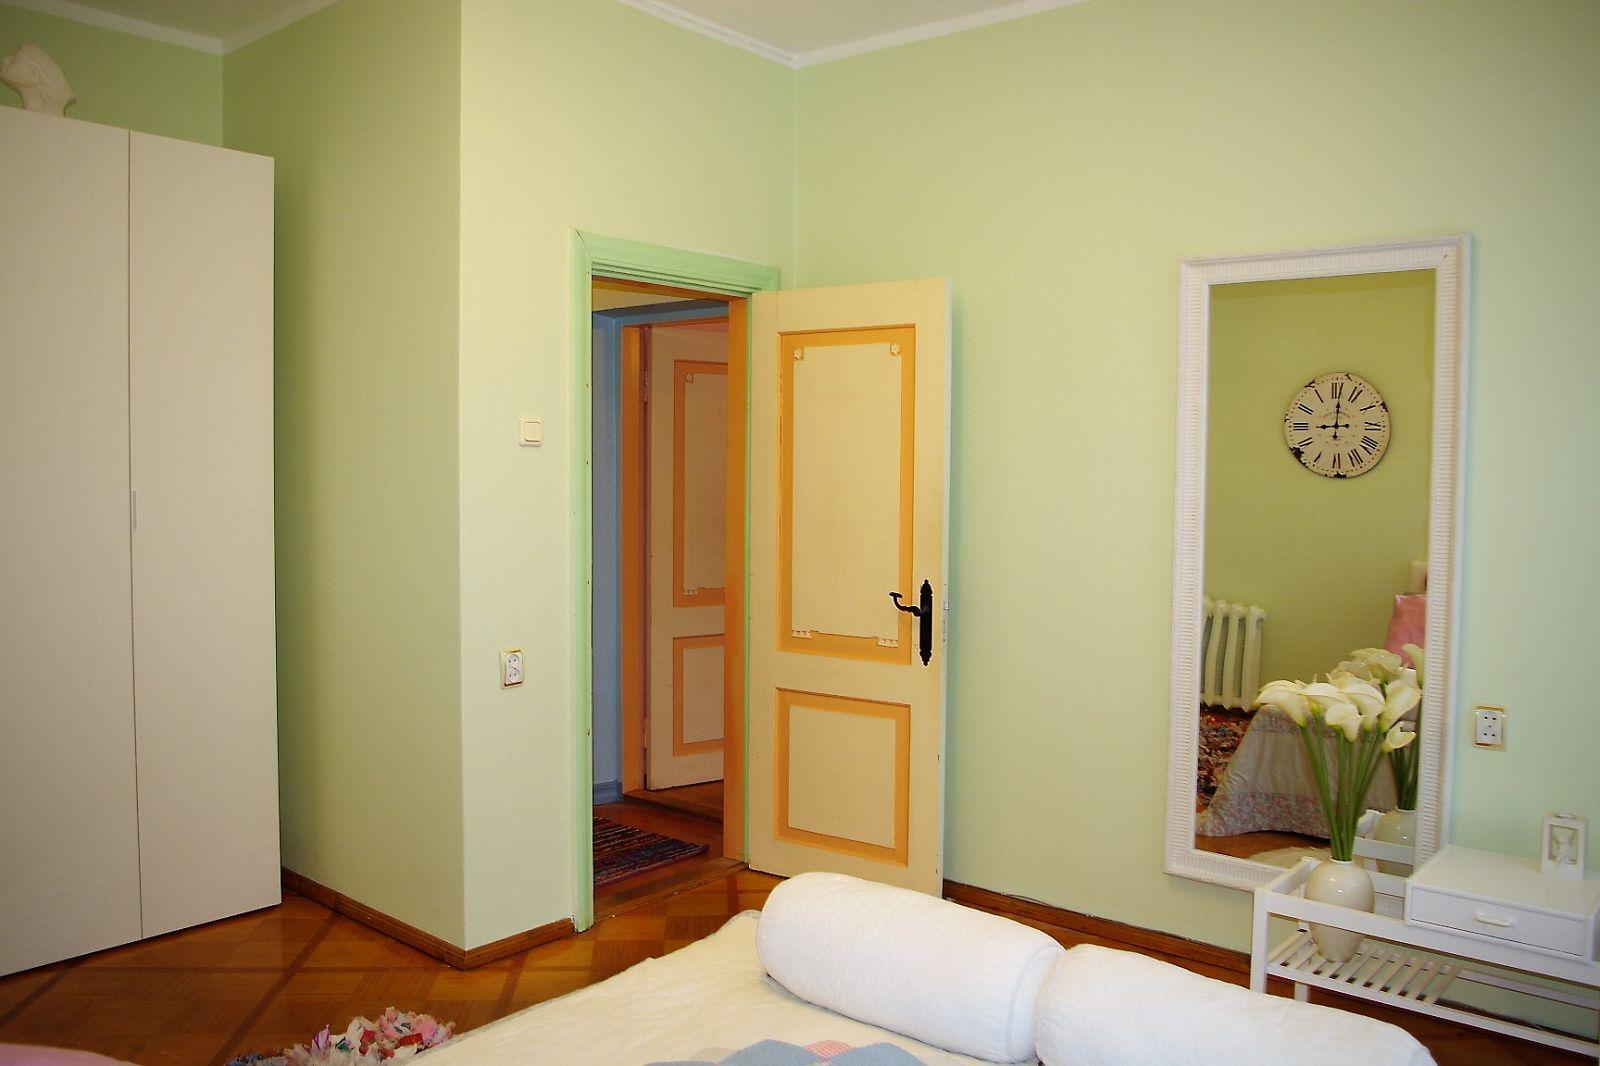 Gesamtplan (50 M2): Wohnzimmer, Schlafzimmer, Küche, Badezimmer /  Duschraum, Toilette. Die Wohnung Befindet Sich Im 2 Stockwerk, Im Haus Gibt  Es 2 ...